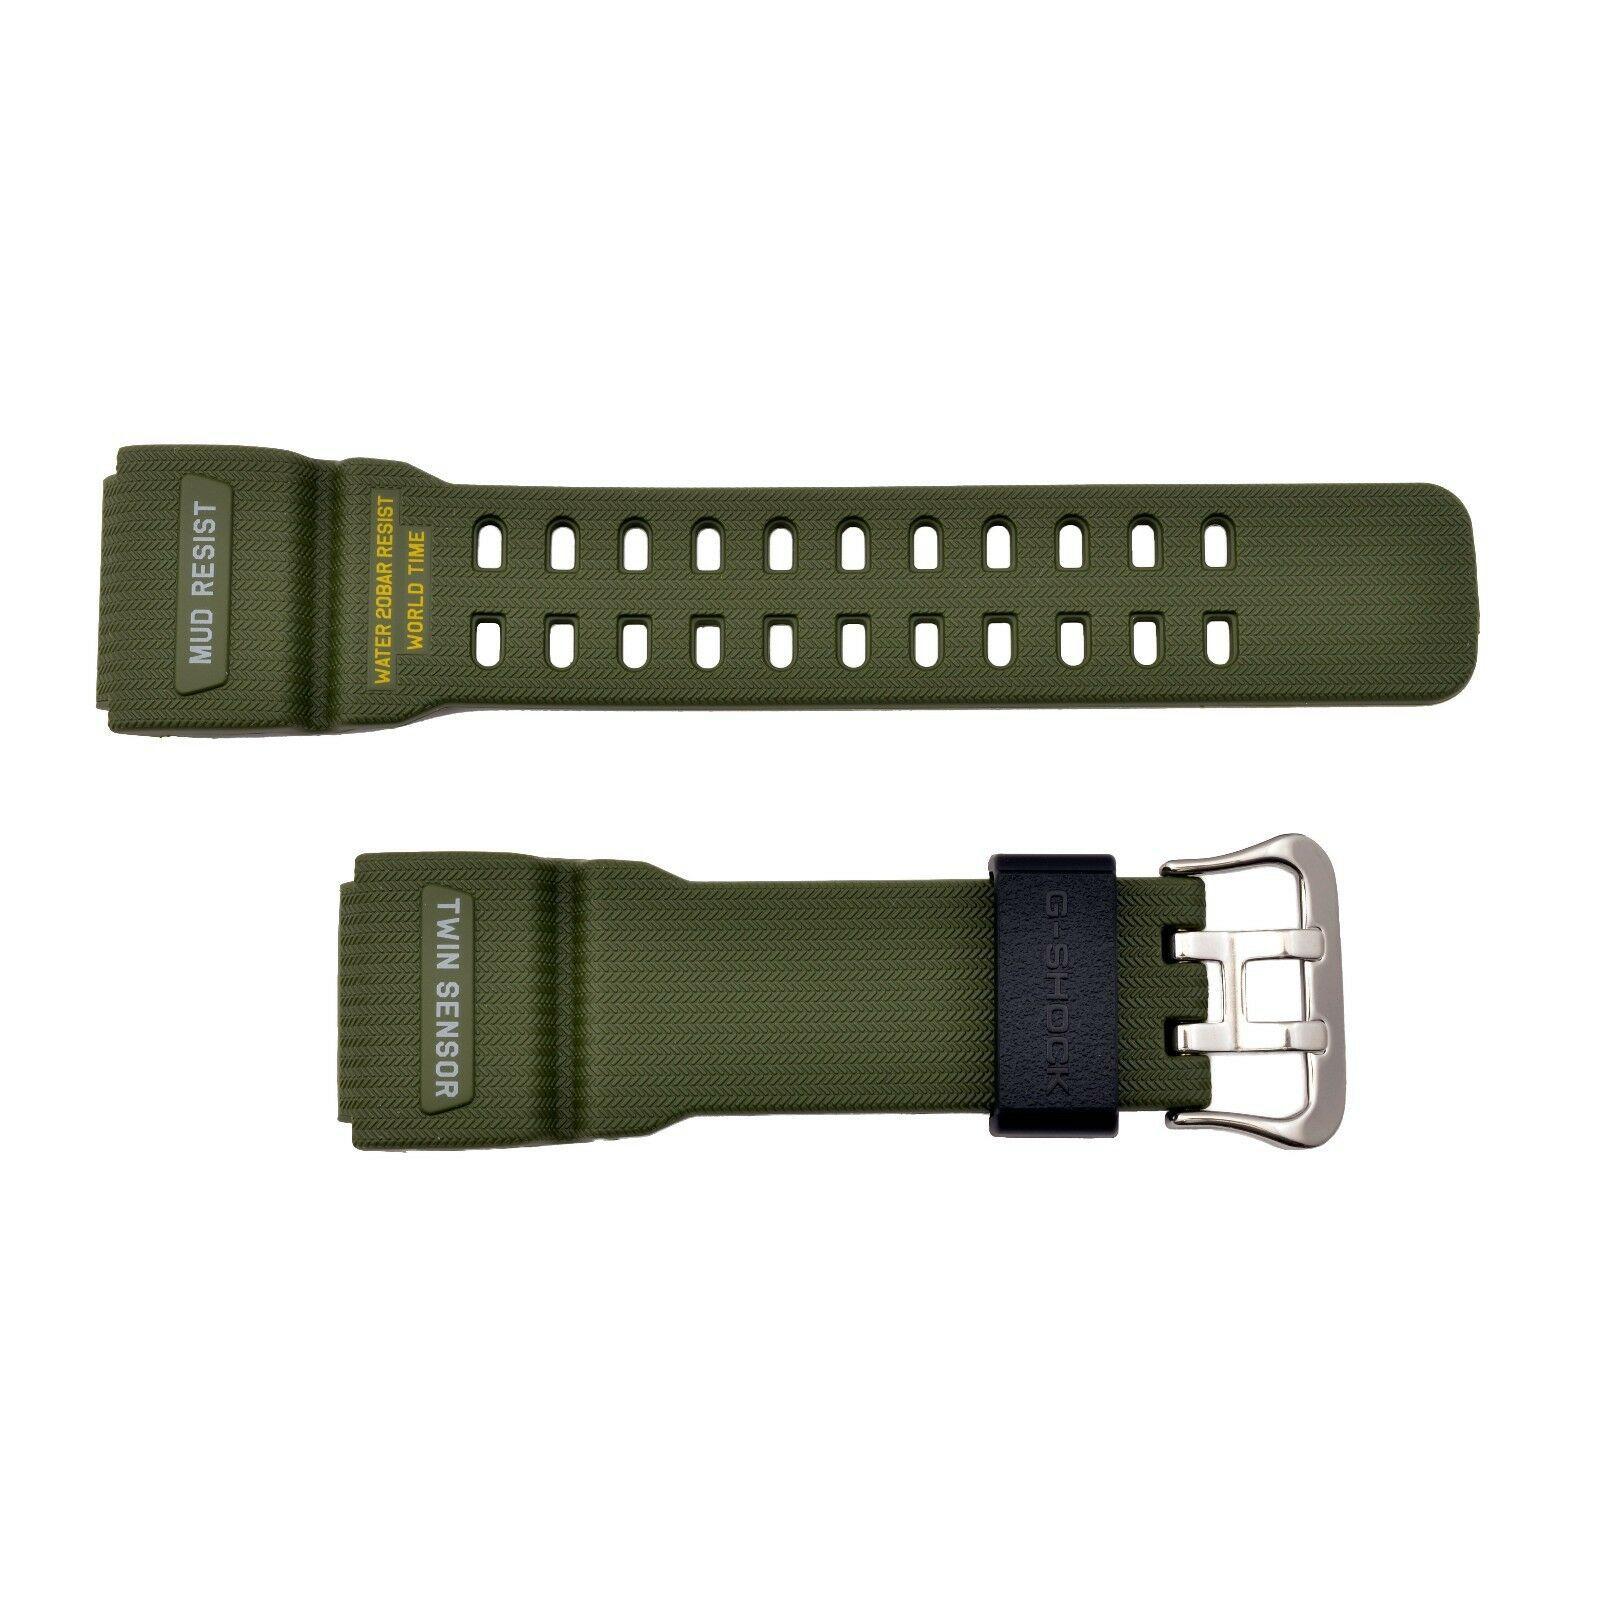 Pulseira Verde +  Bezel Preto  GG-1000-1A3 Casio G-shock  - E-Presentes